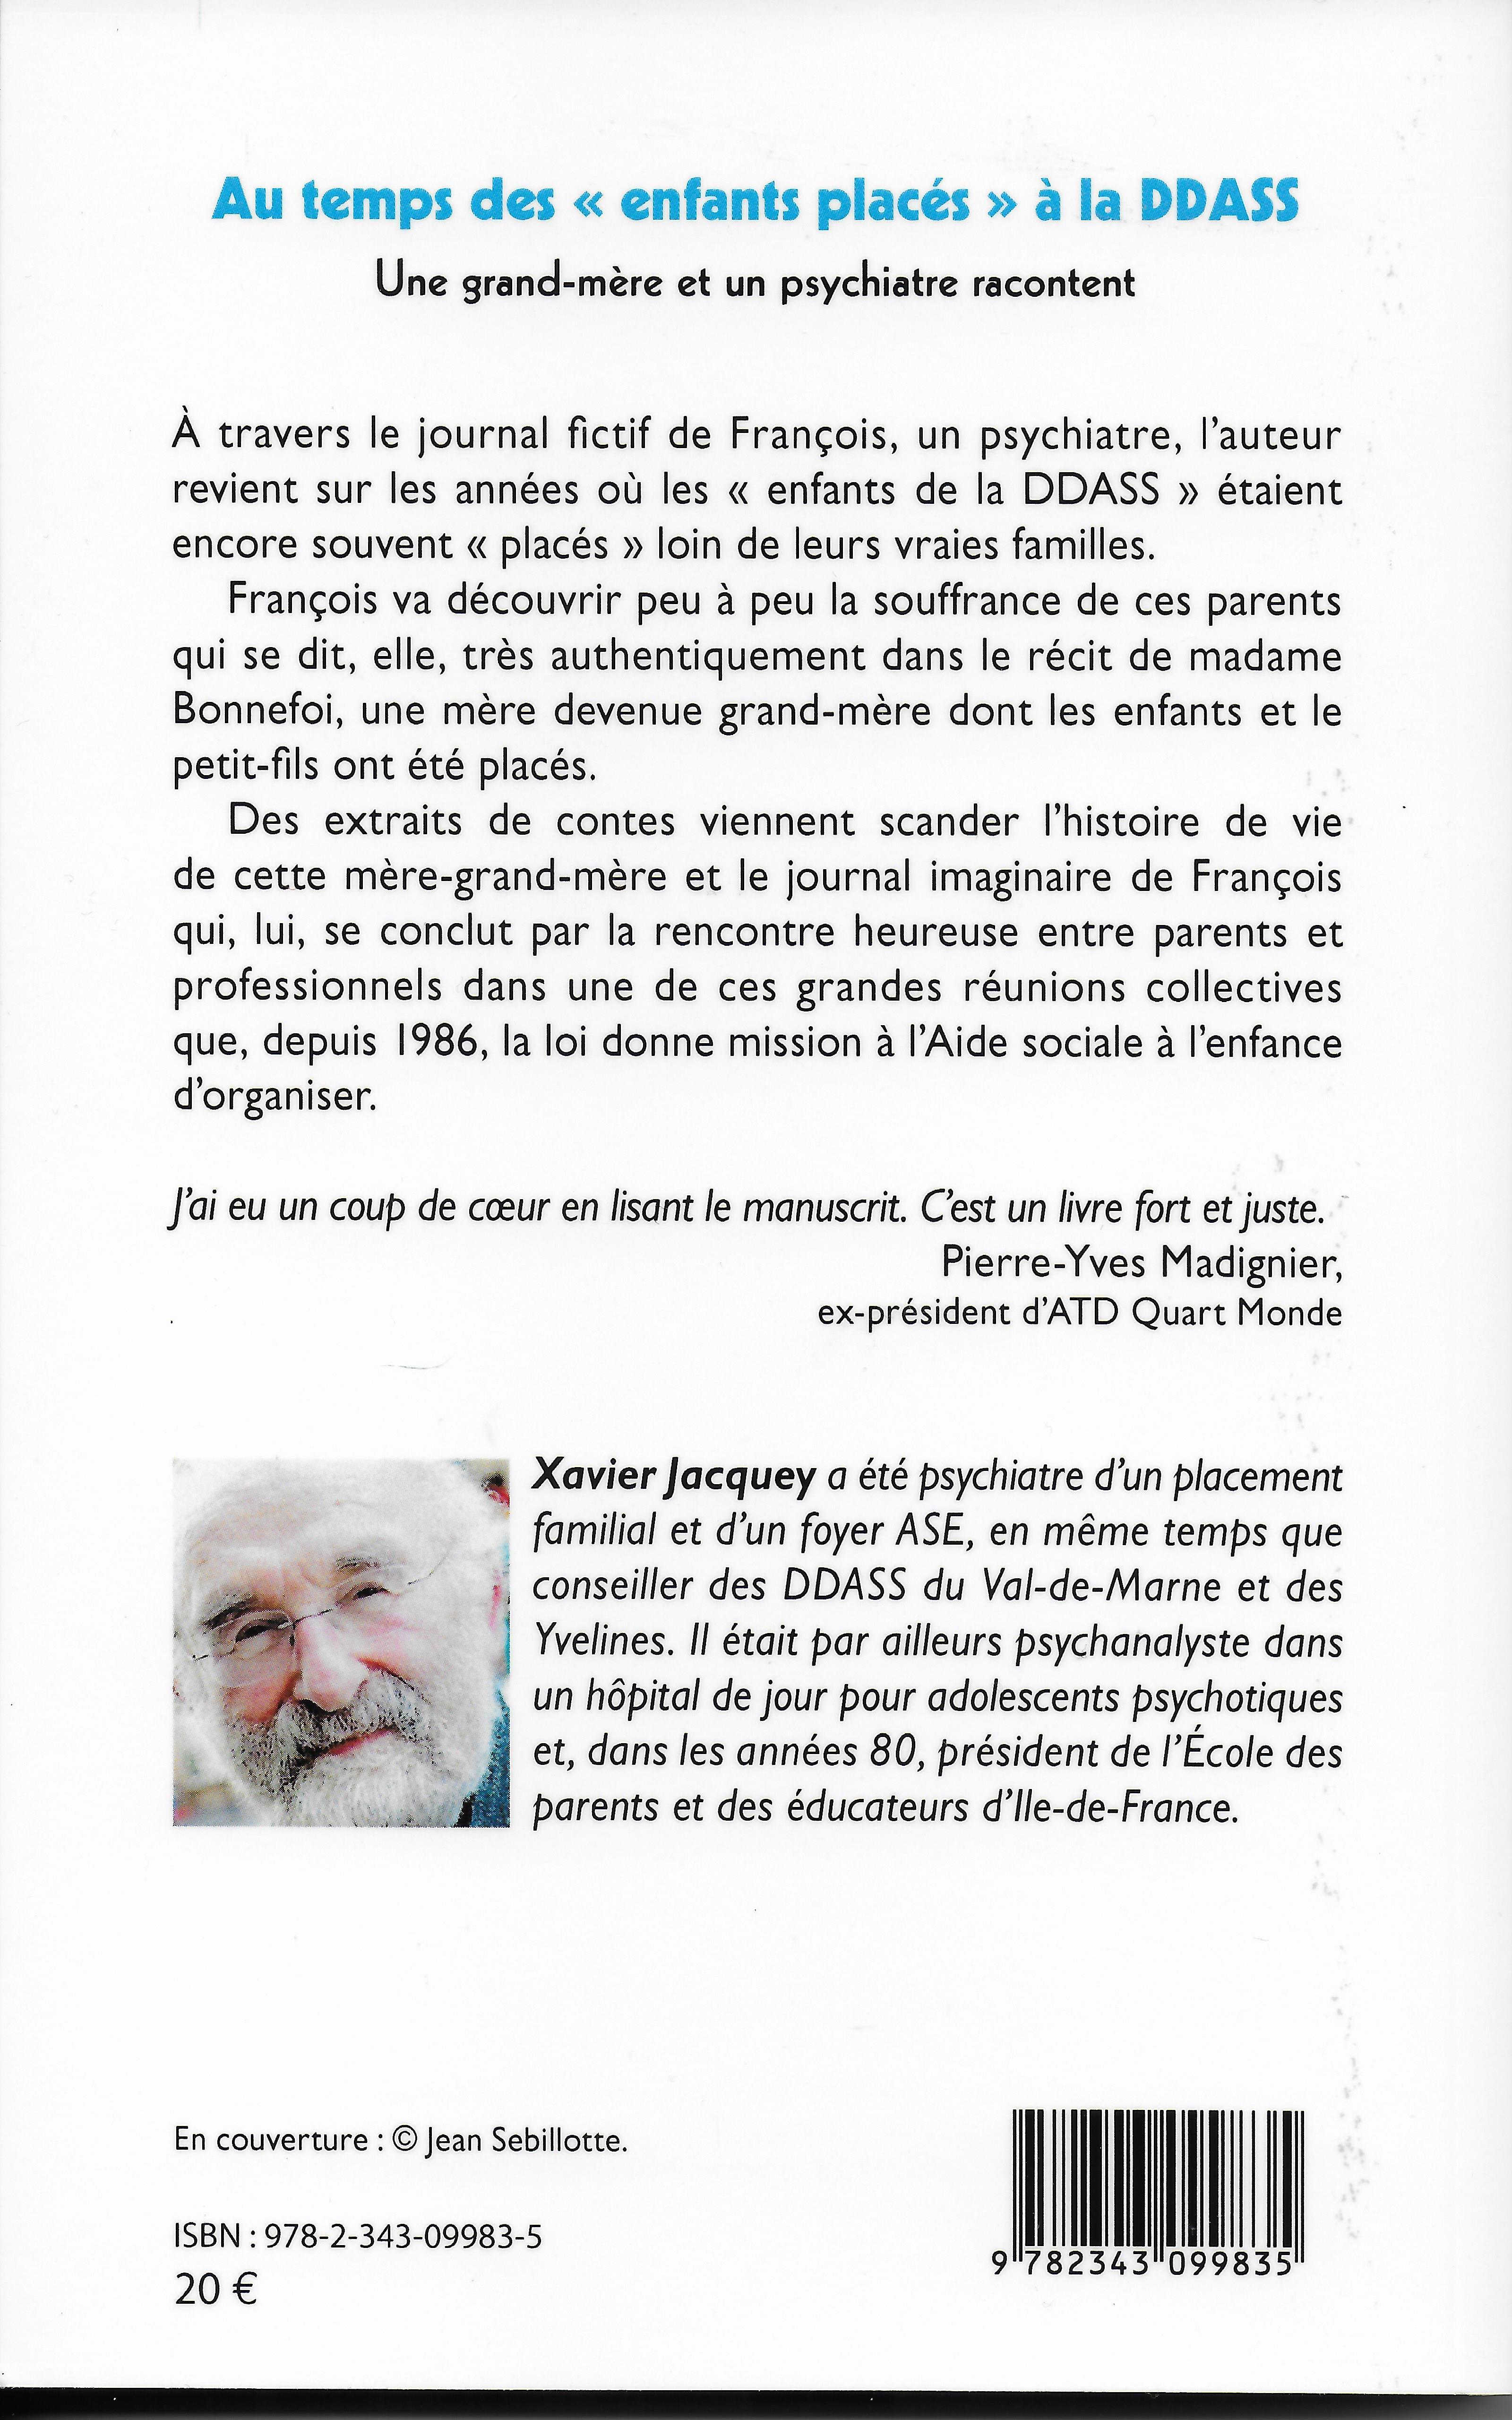 jacquey-4e-couv-ddass-001